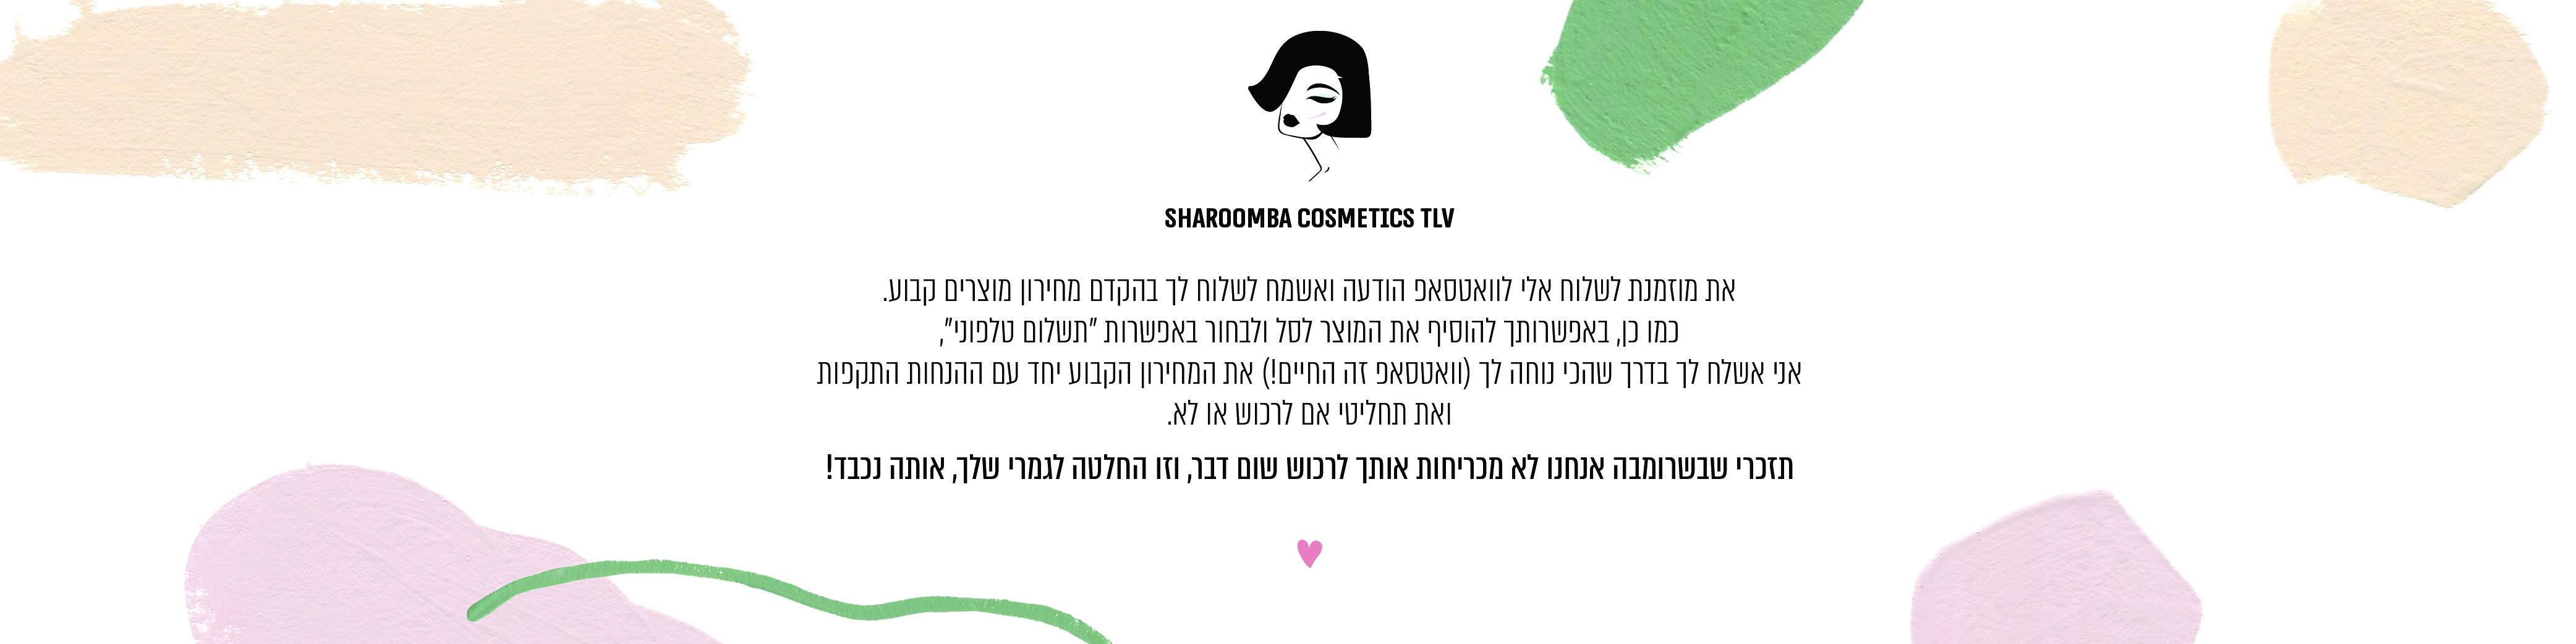 טיפול באנטי אייג'ינג ועיכוב קמטים - Sharoomba shop